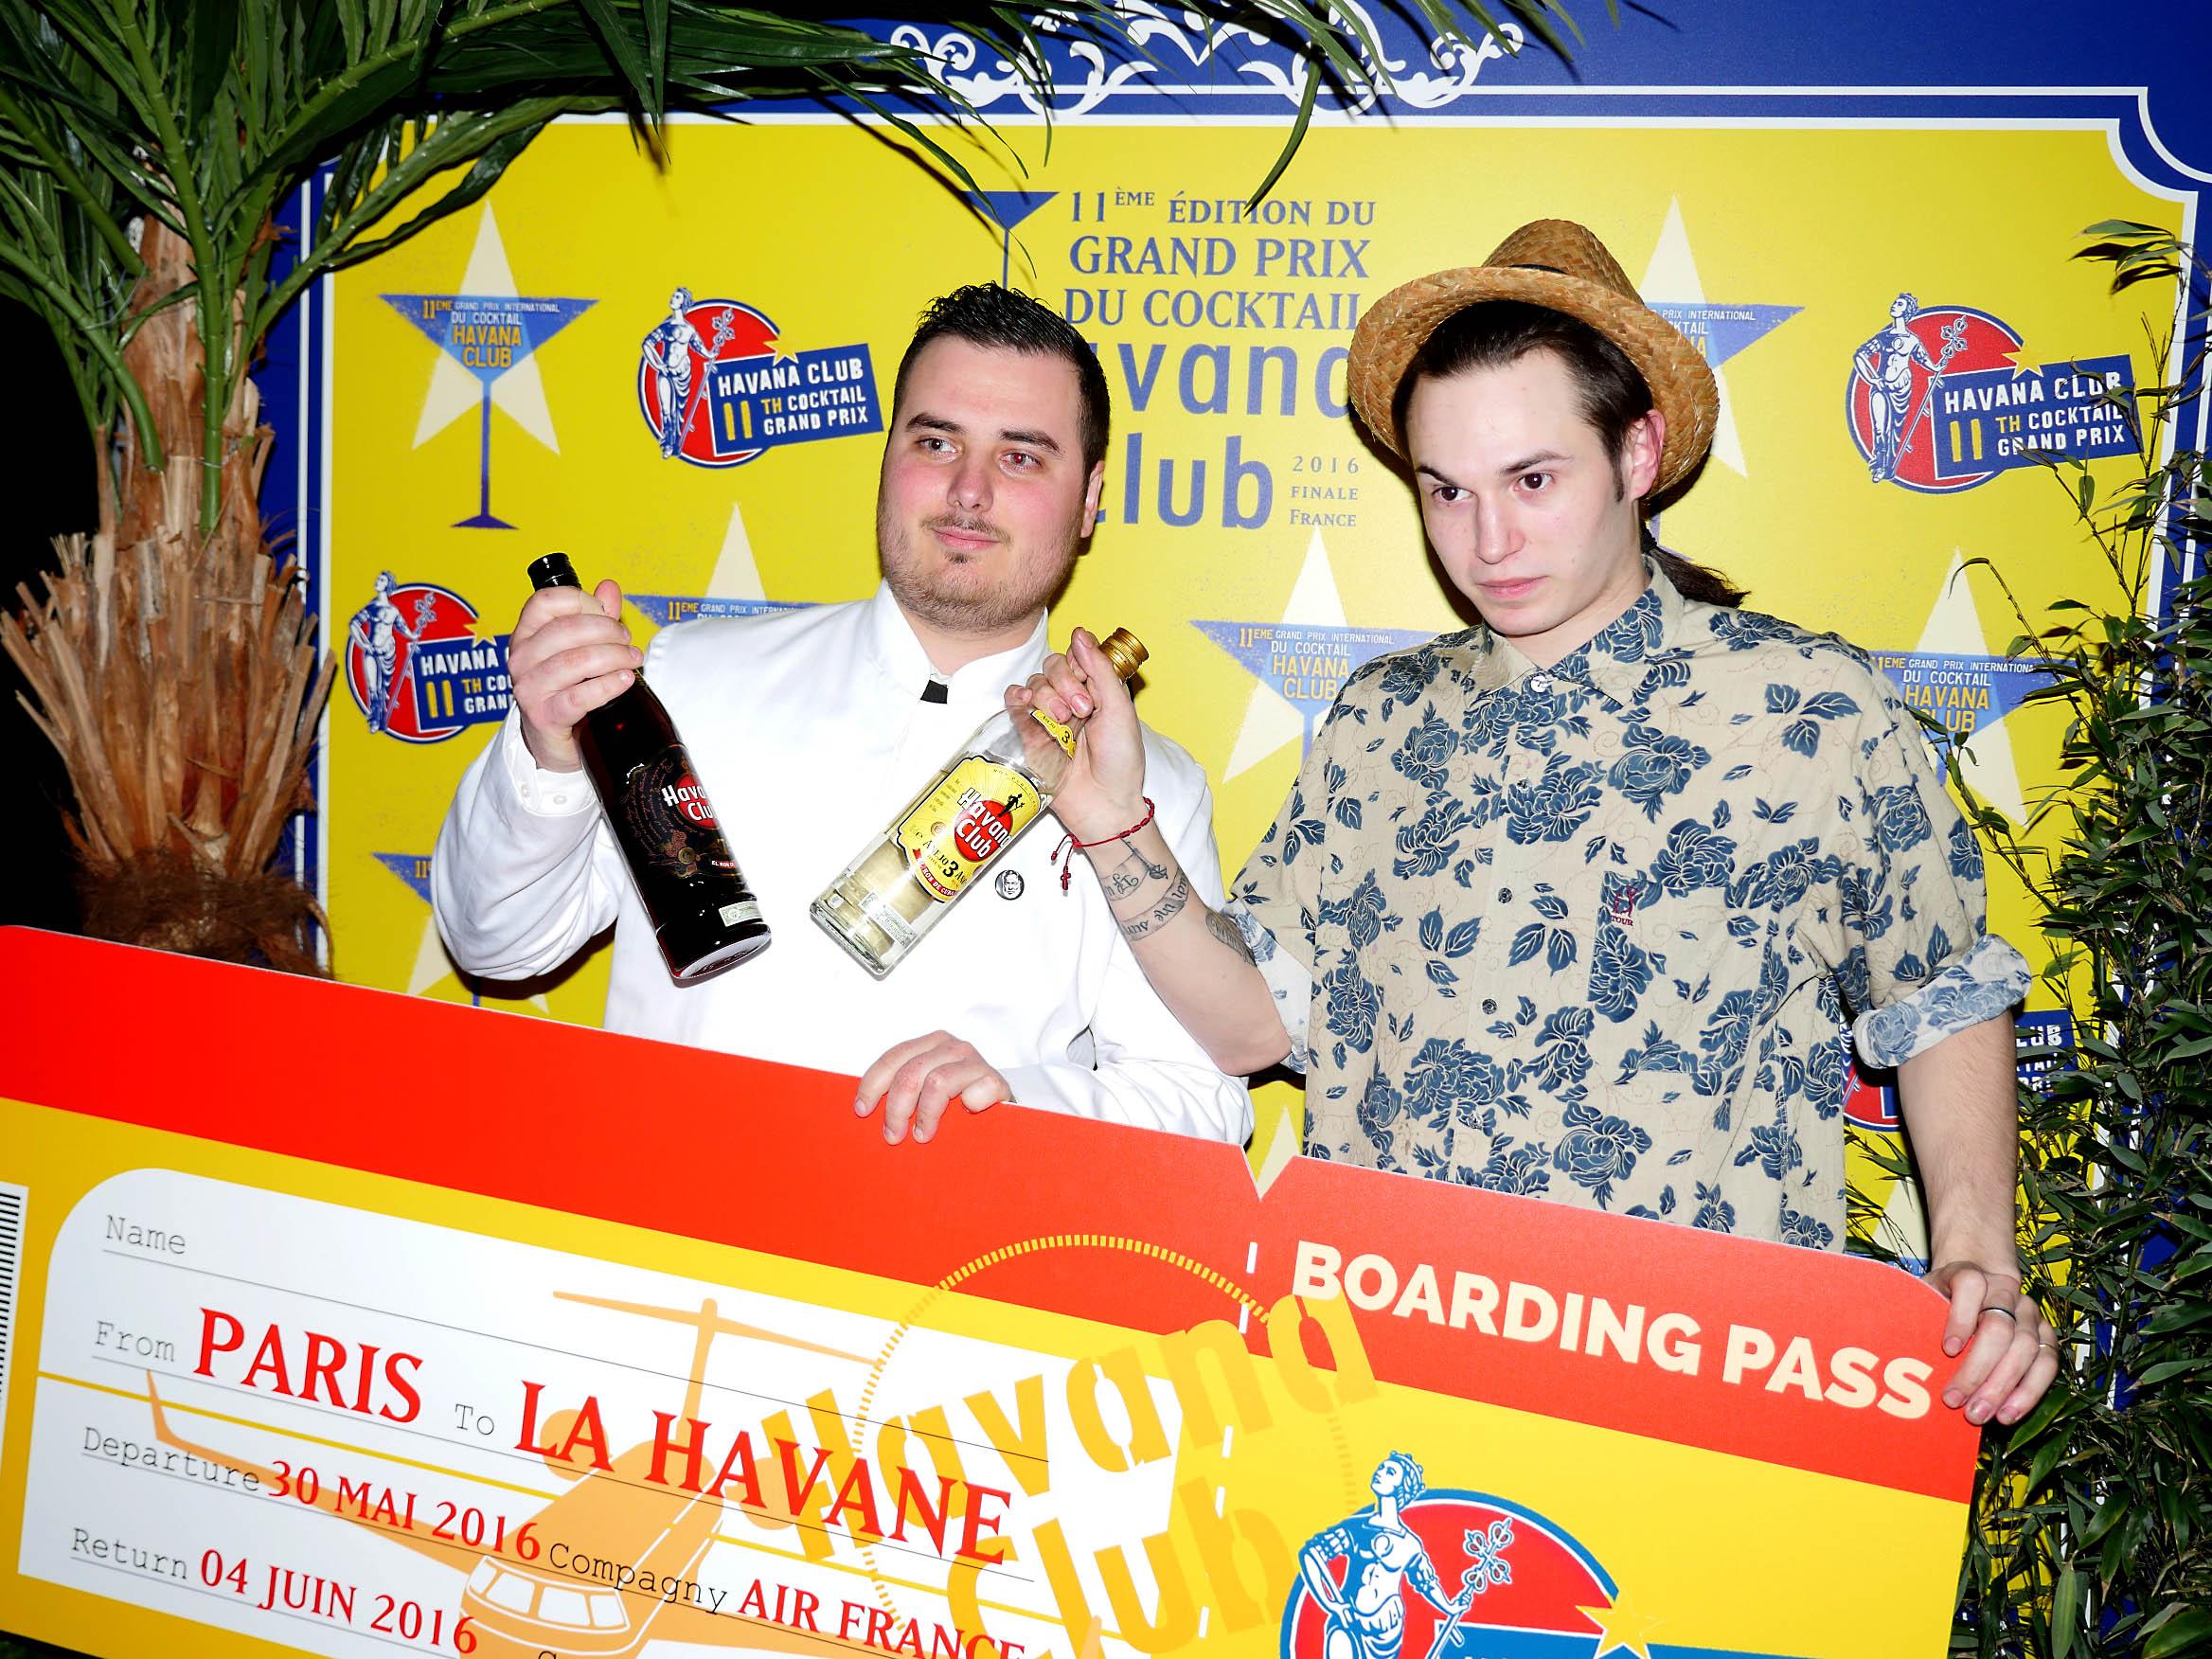 Rémi Bataillé & Arnaud Scotty // L'abus d'alcool est dangereux pour la santé. A consommer avec modération.